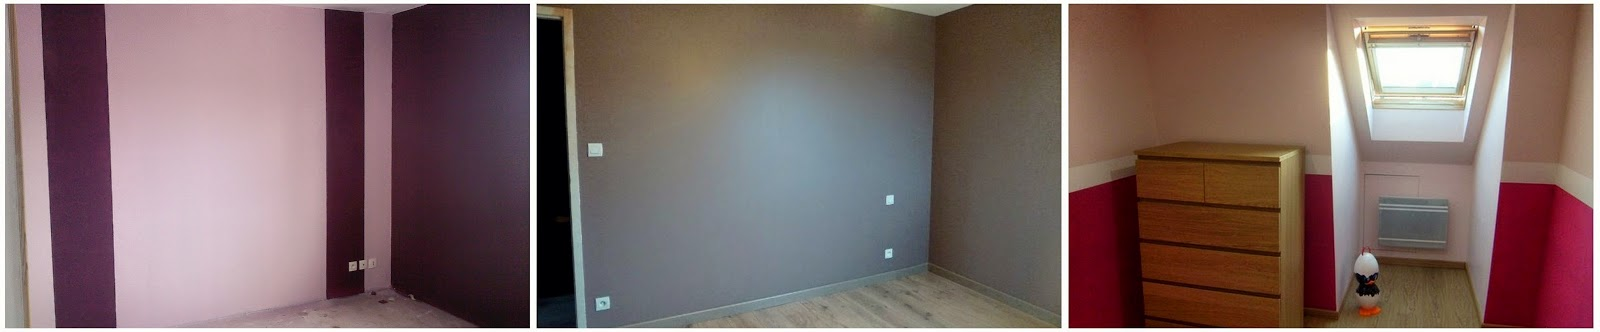 renovation travaux peinture chambre paris artisan vitrificateur. Black Bedroom Furniture Sets. Home Design Ideas